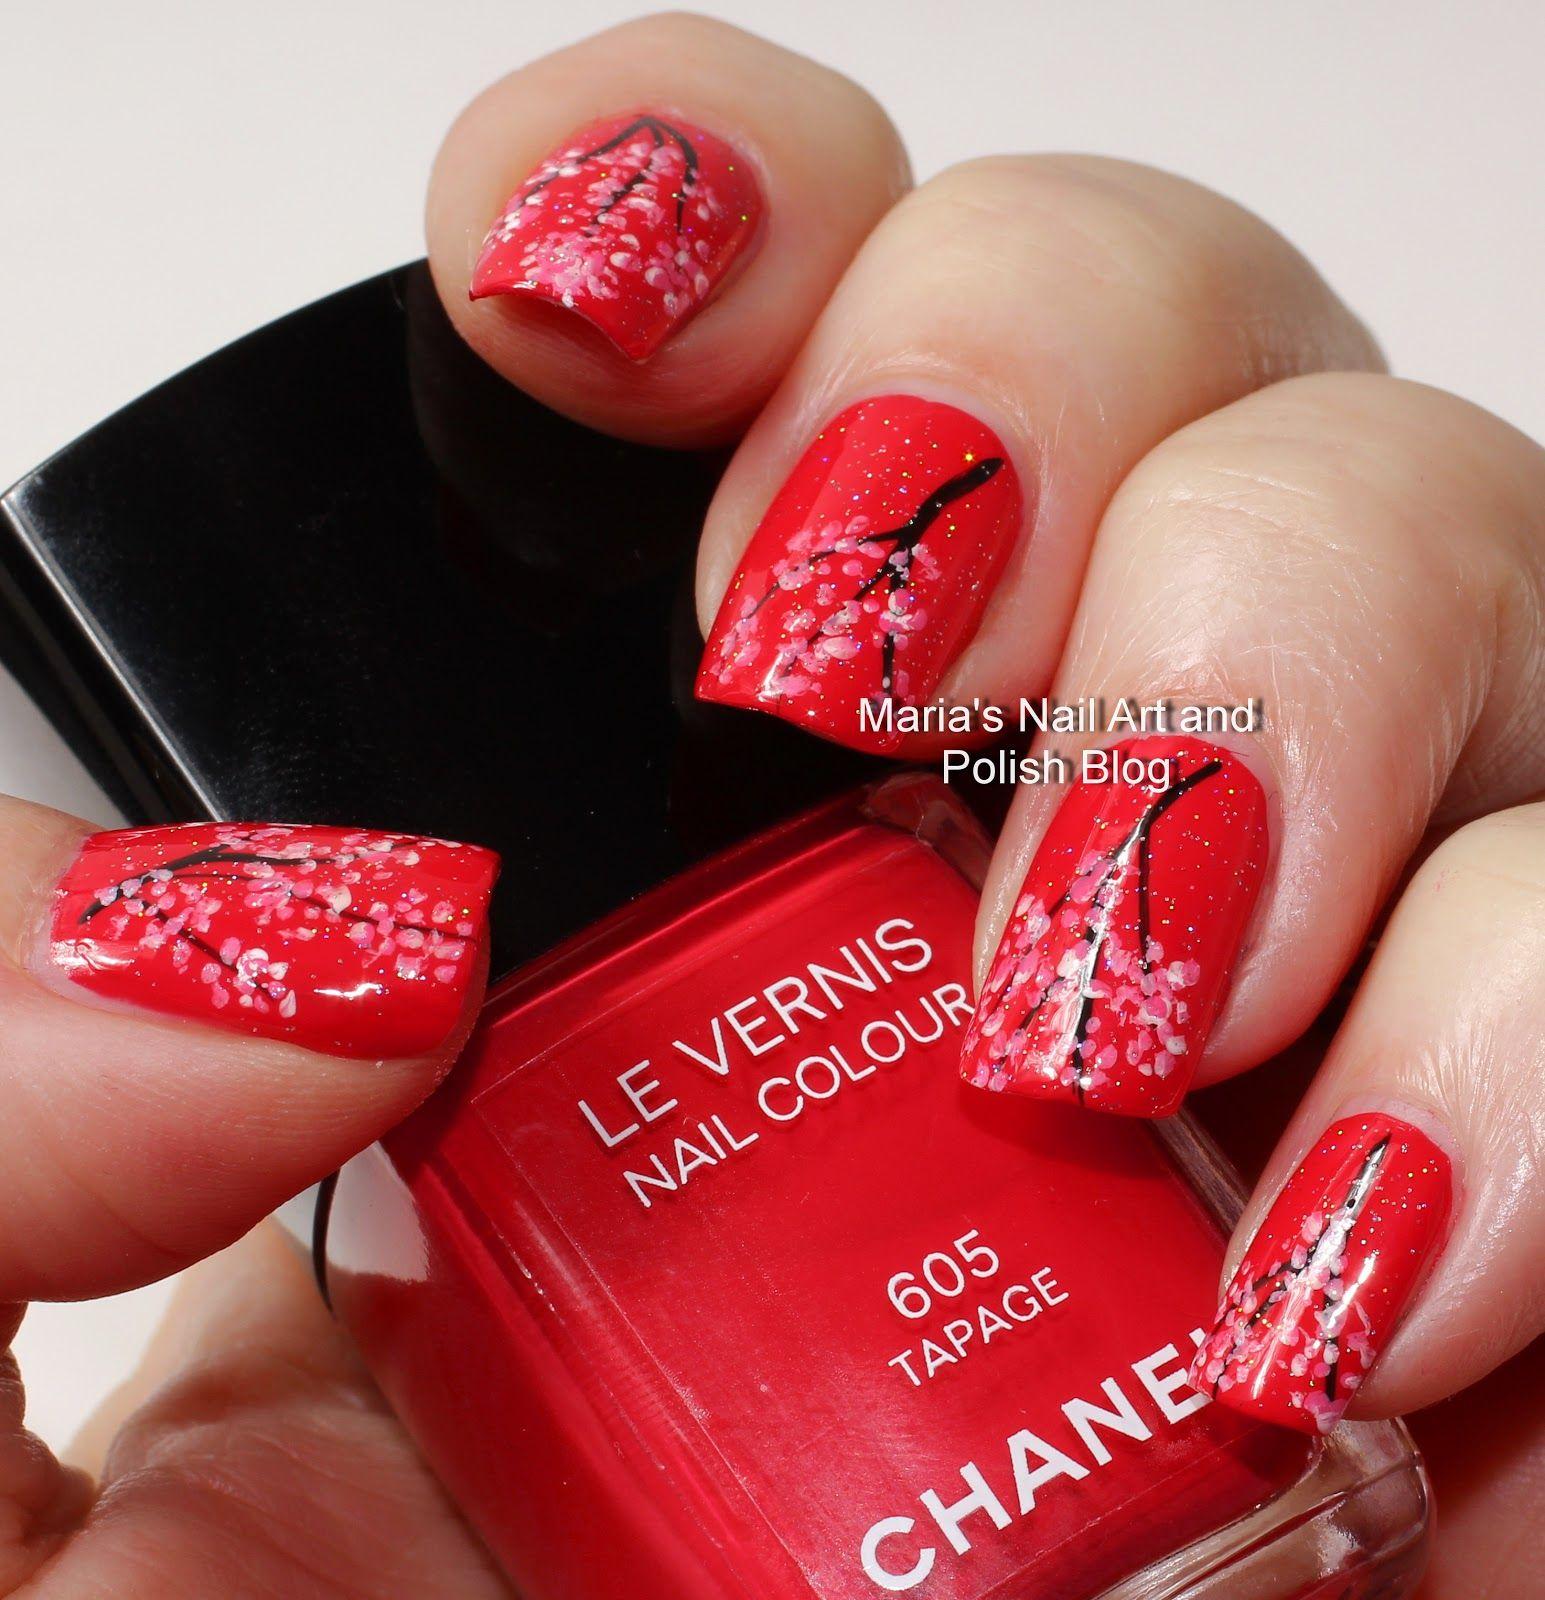 Marias Nail Art and Polish Blog: Tapage cherry blossom nail art ...